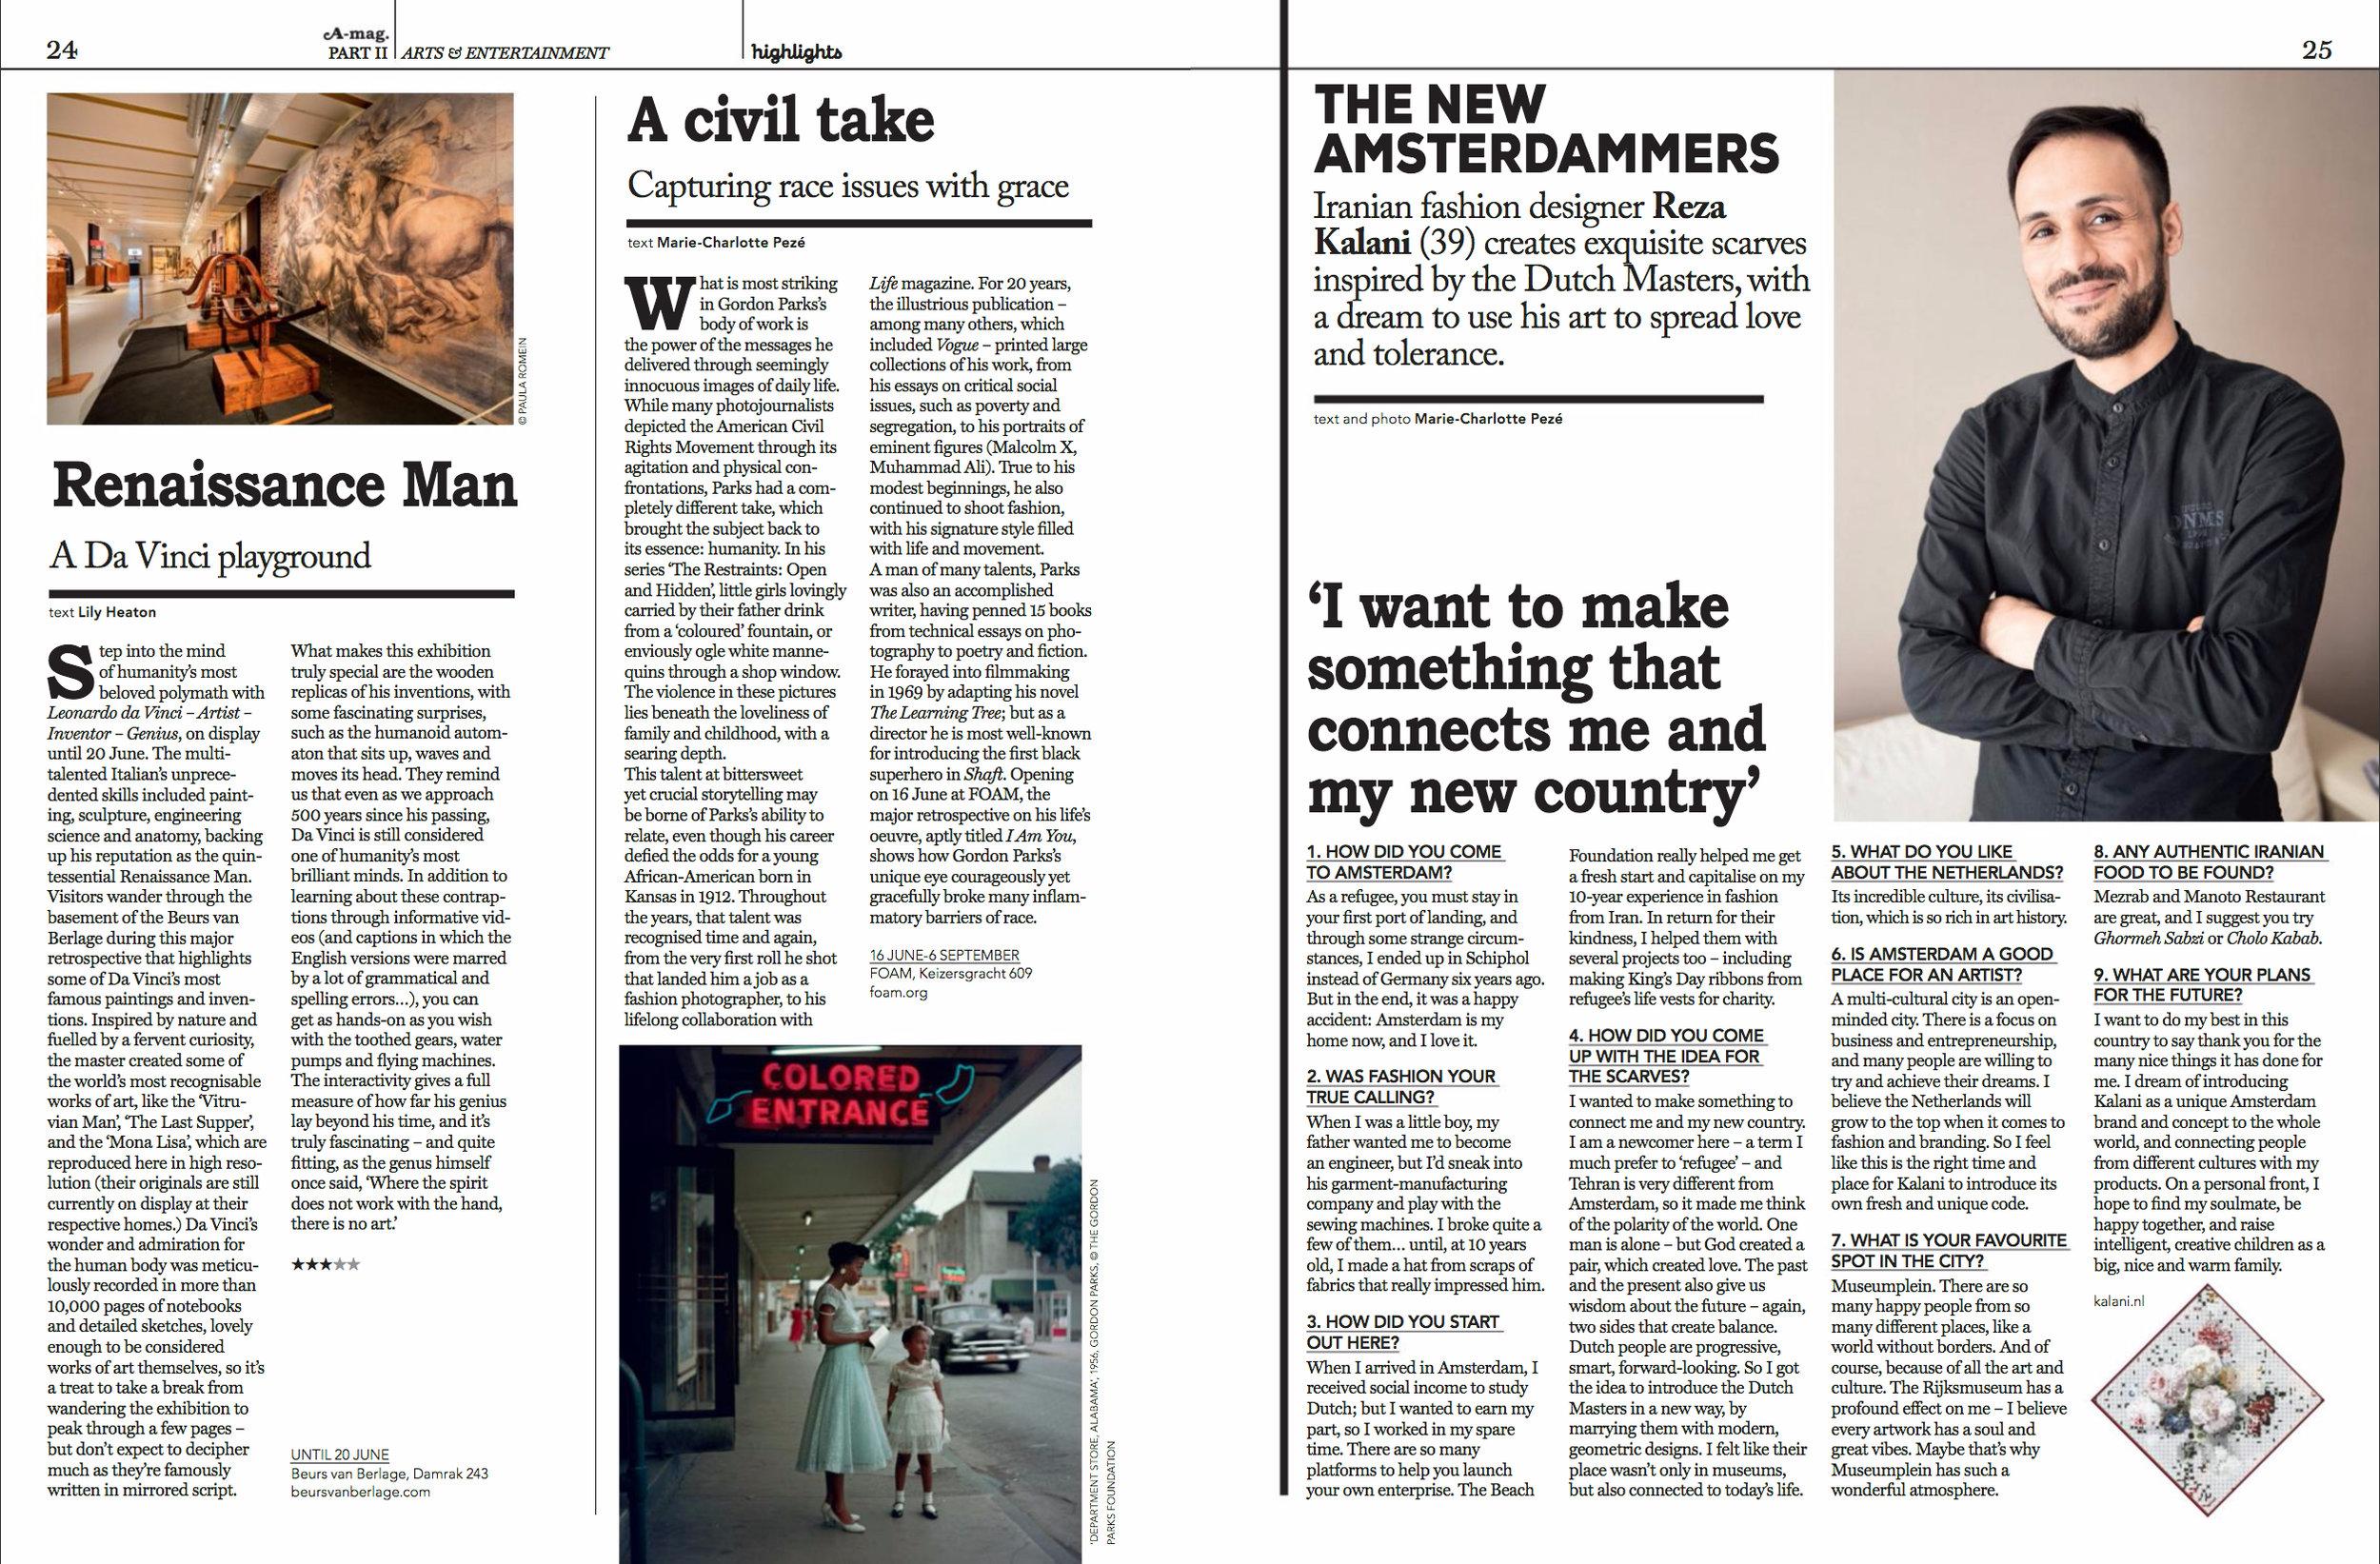 Writing | A-mag – Amsterdam Magazine: Vol 5, No. 3 May/June 2017 Arts & Entertainment | Page 24